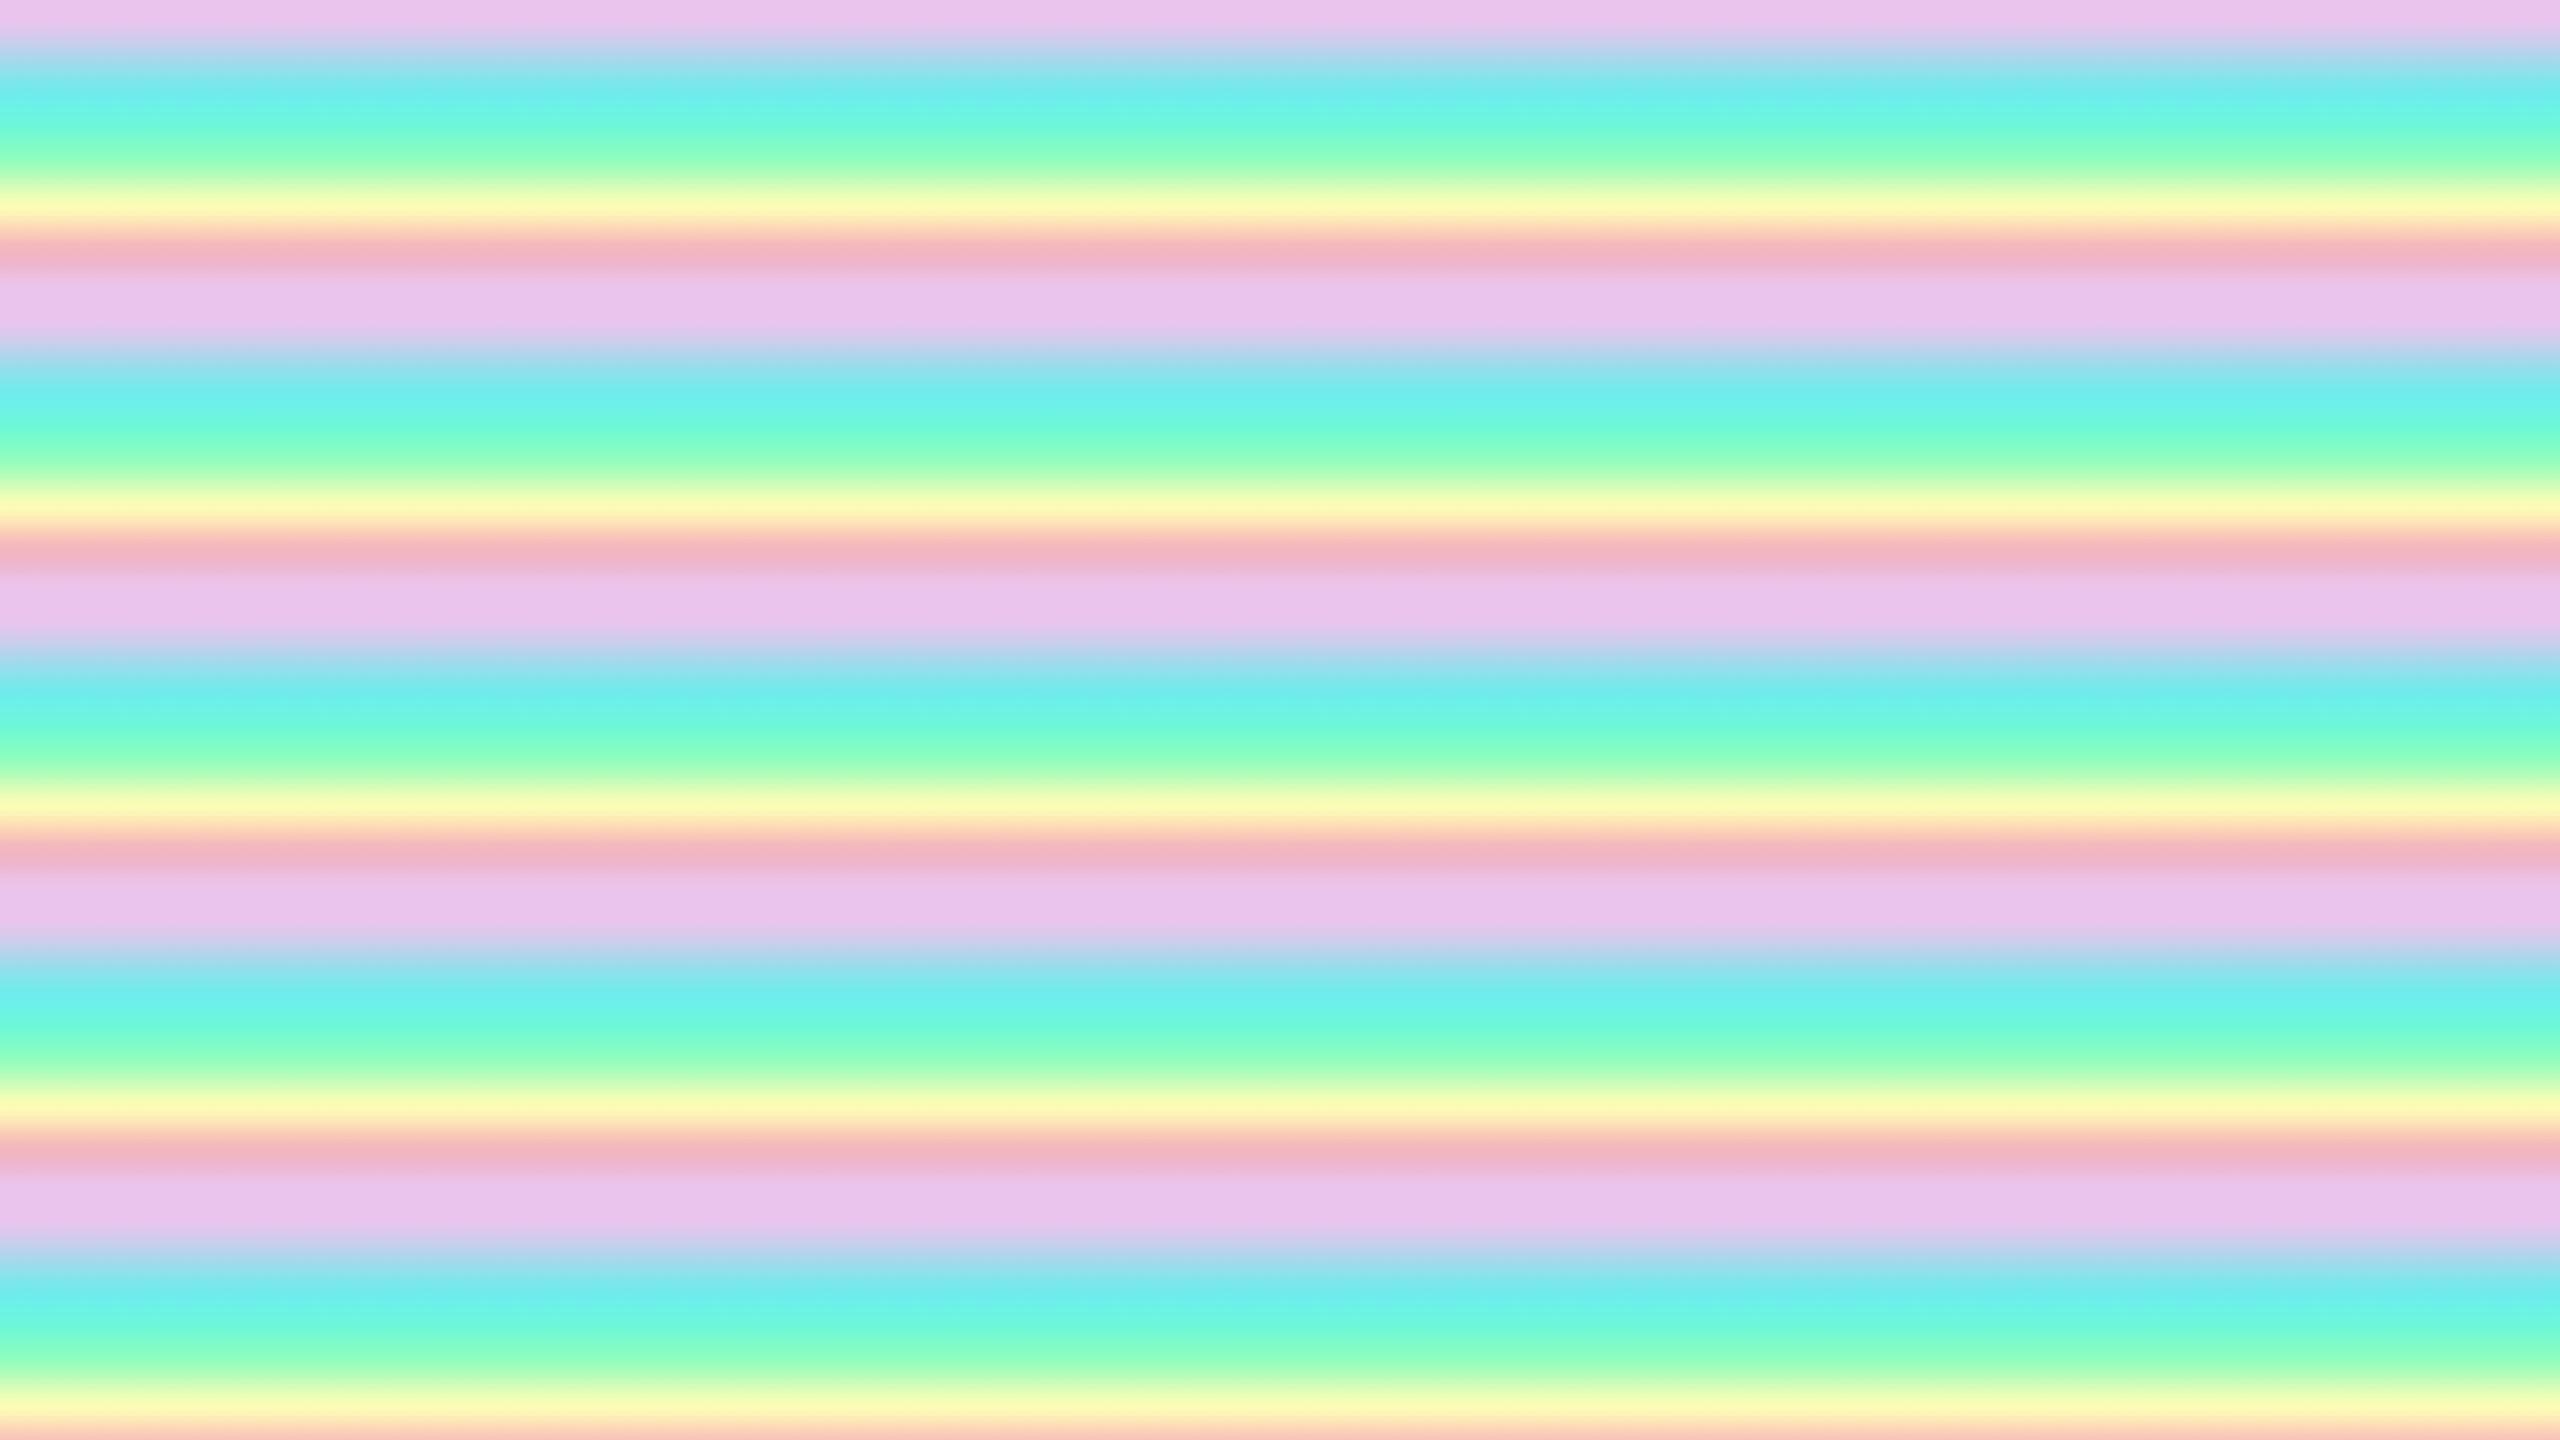 Download Pastel Tumblr 2560x1440 HD Wallpaper 2560x1440